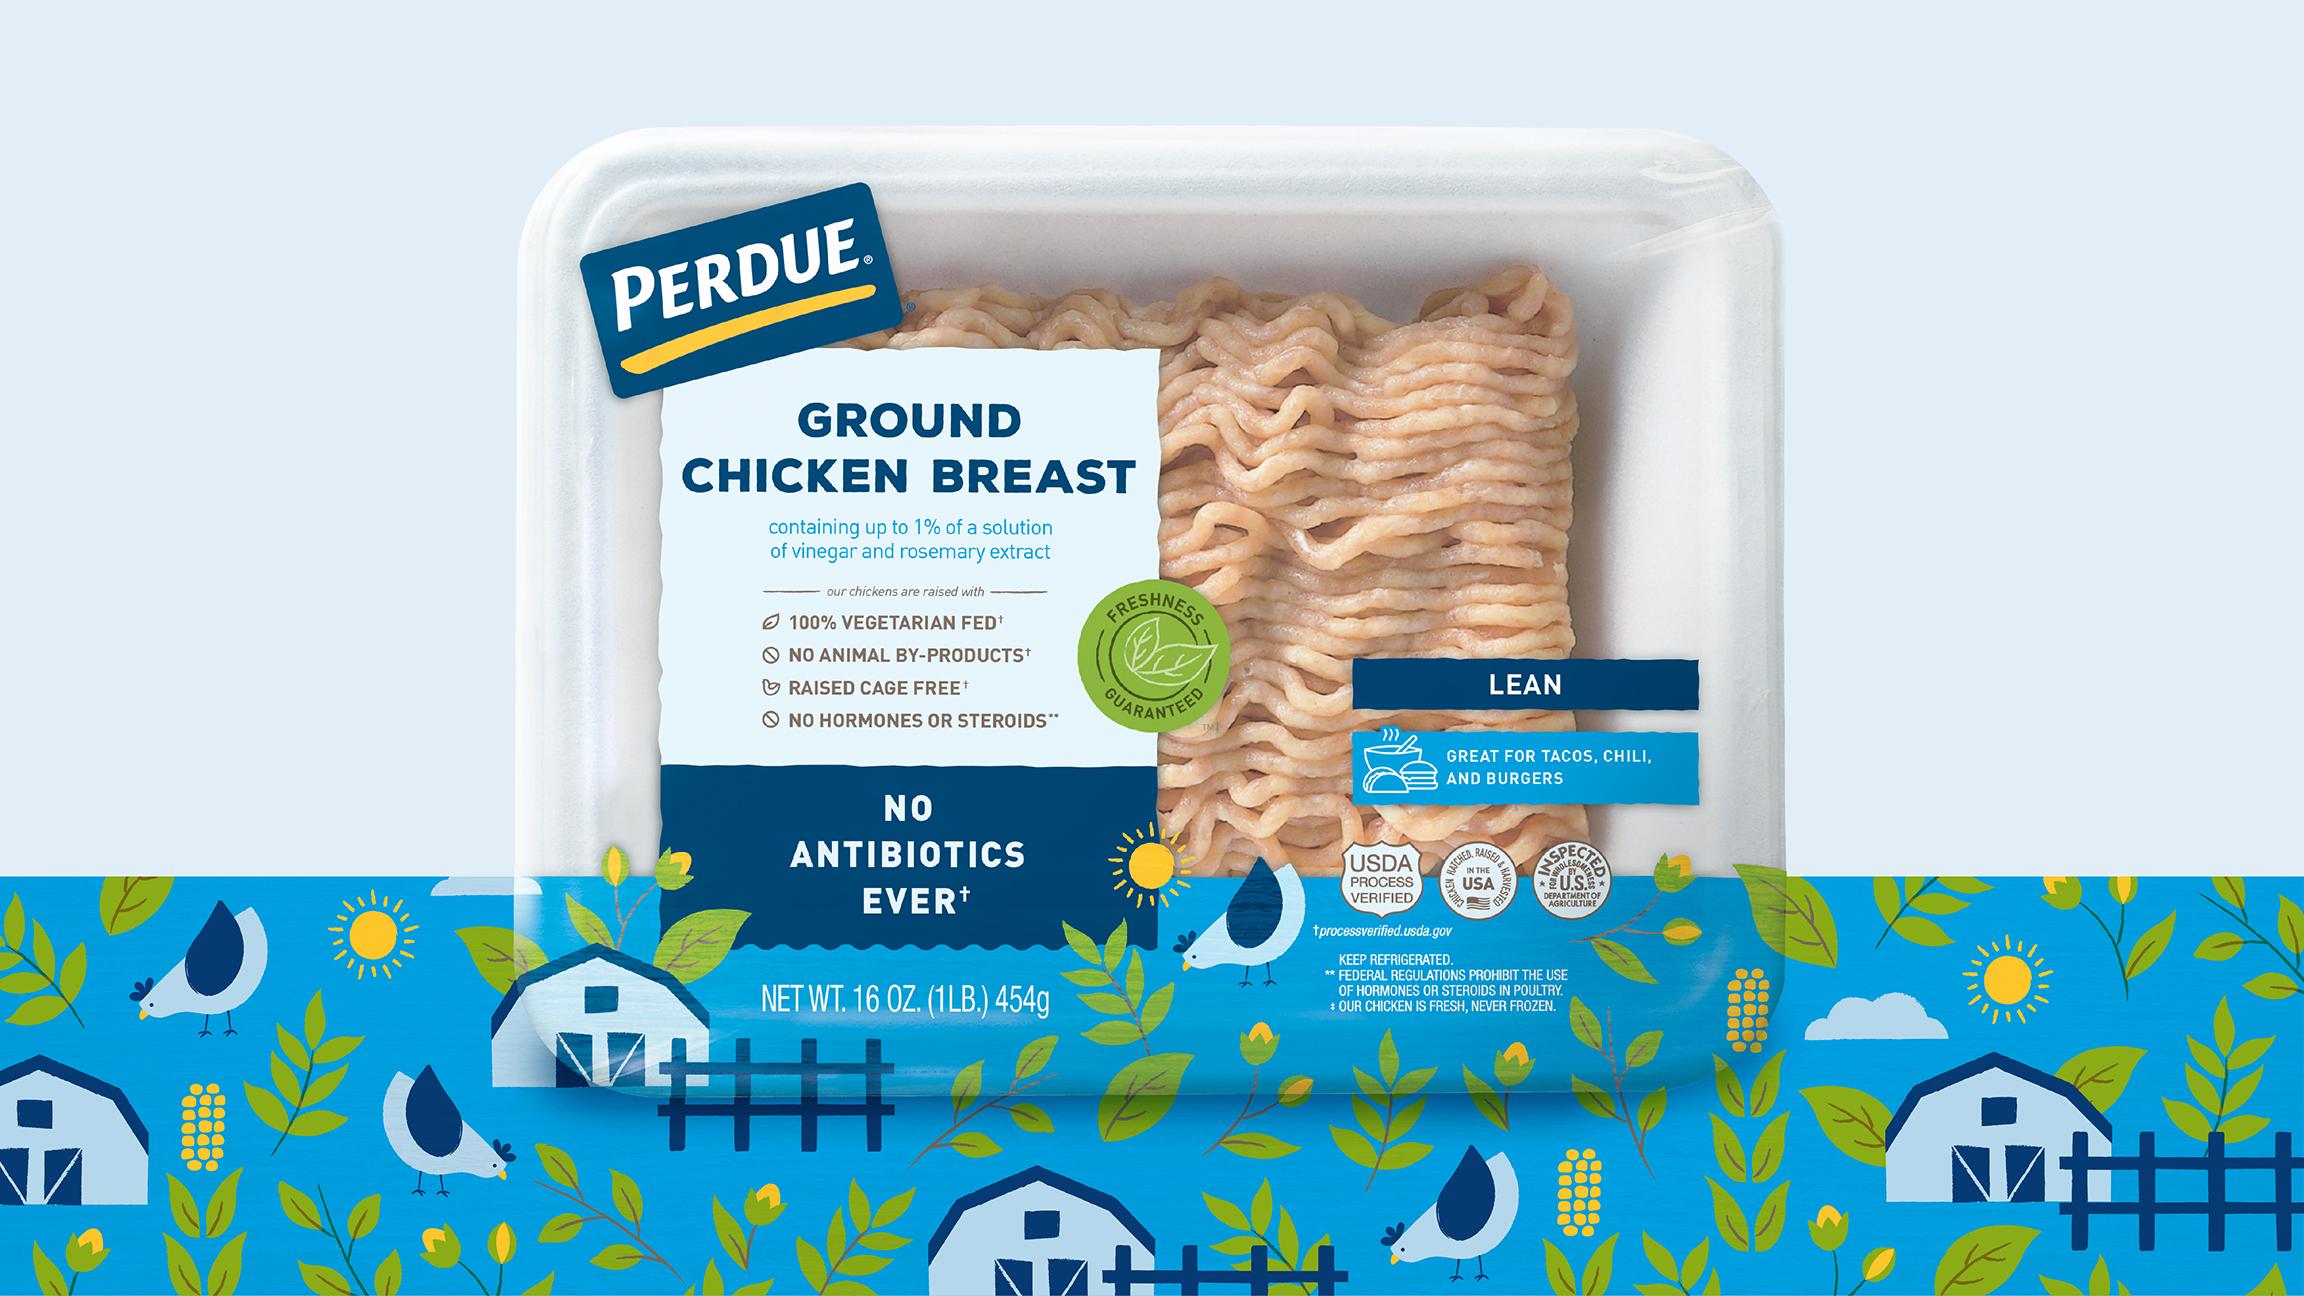 Perdue chicken packaging ground chicken pattern